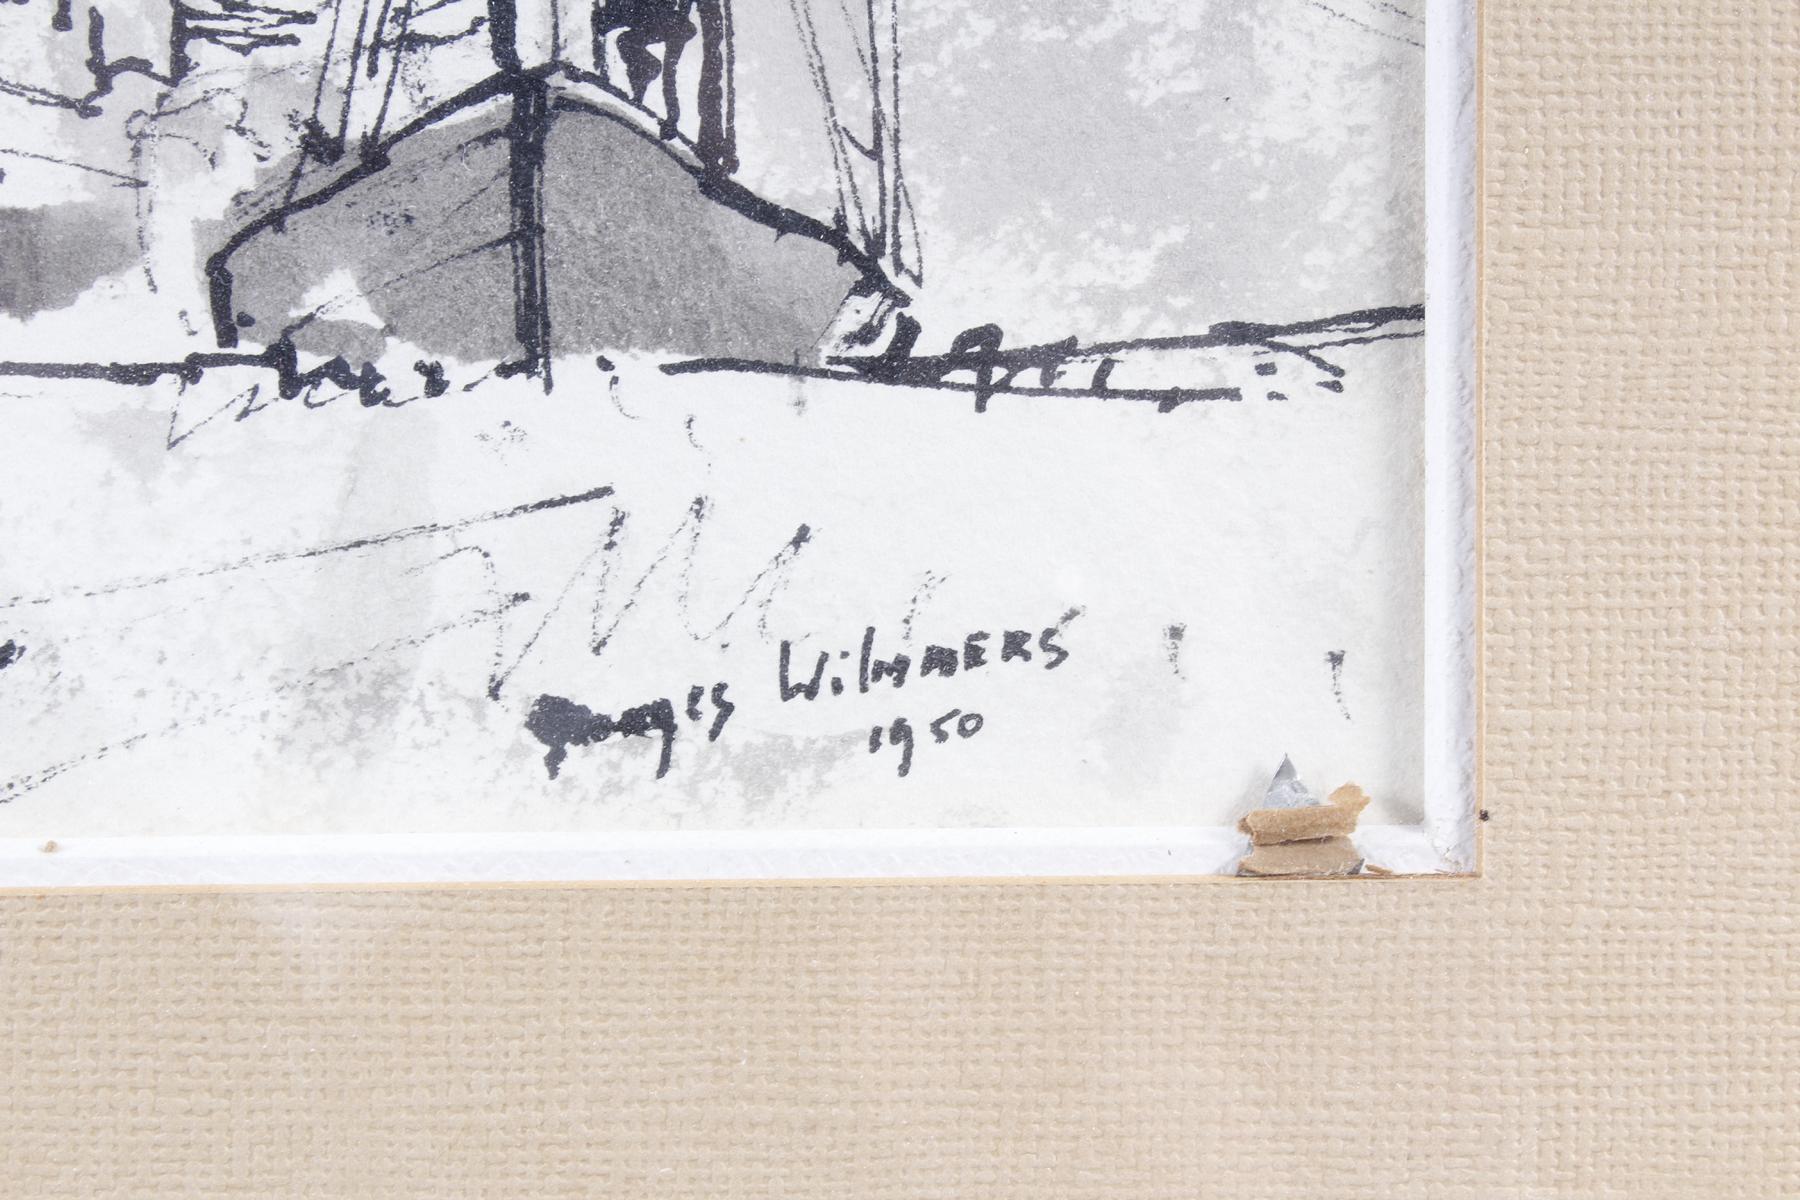 Aquarell, Hafenansicht mit Schiffen, Wilmmers 1950-3